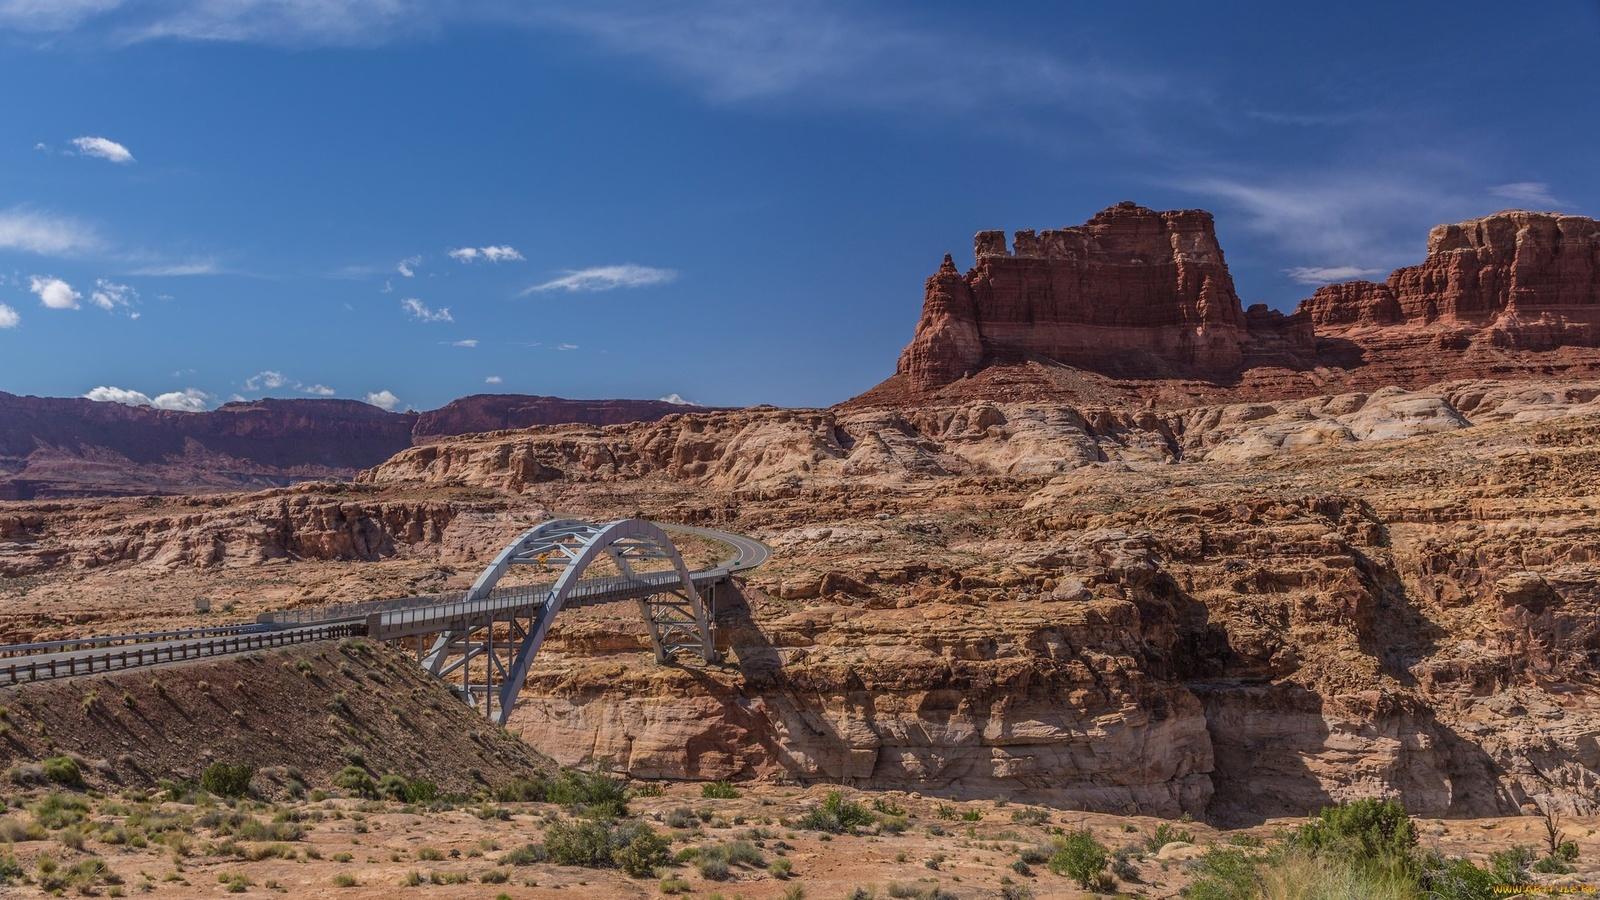 небо, горы, скалы, дорога,мост